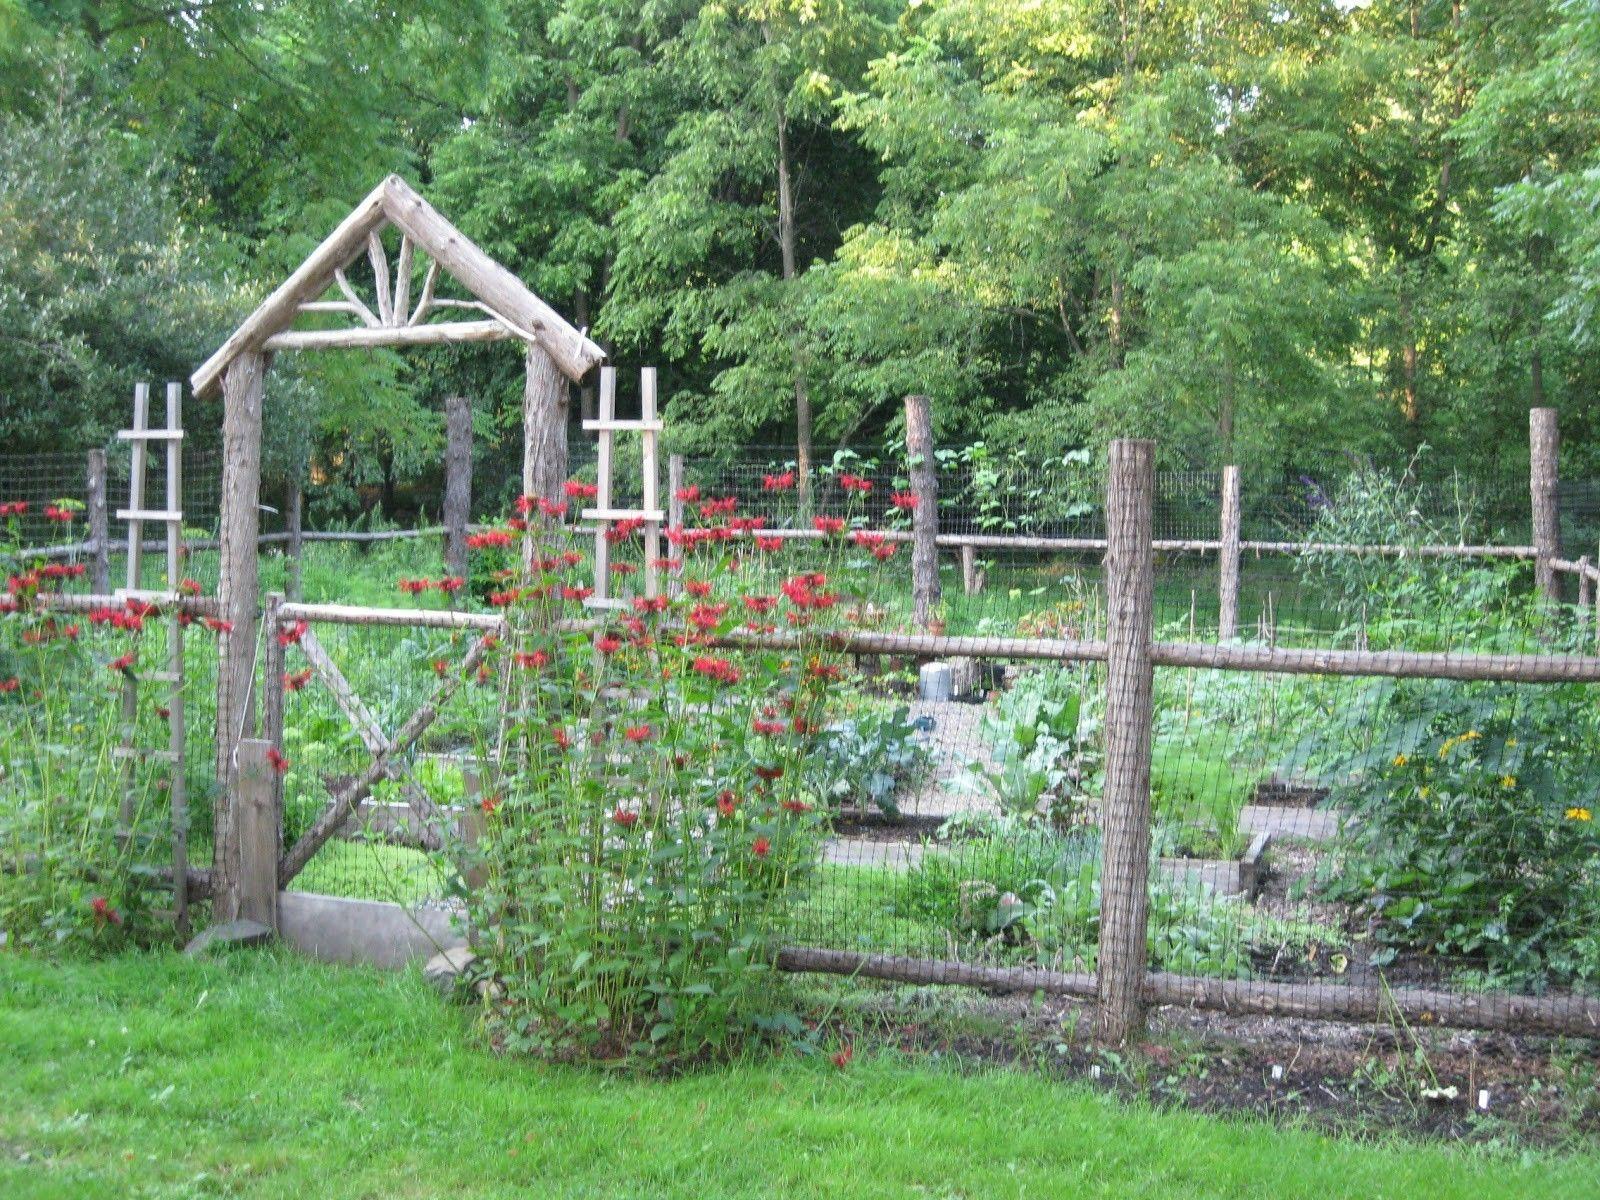 Home garden design flower  Pin by Zacheary Ritt on Mother Nature  Pinterest  Mother nature